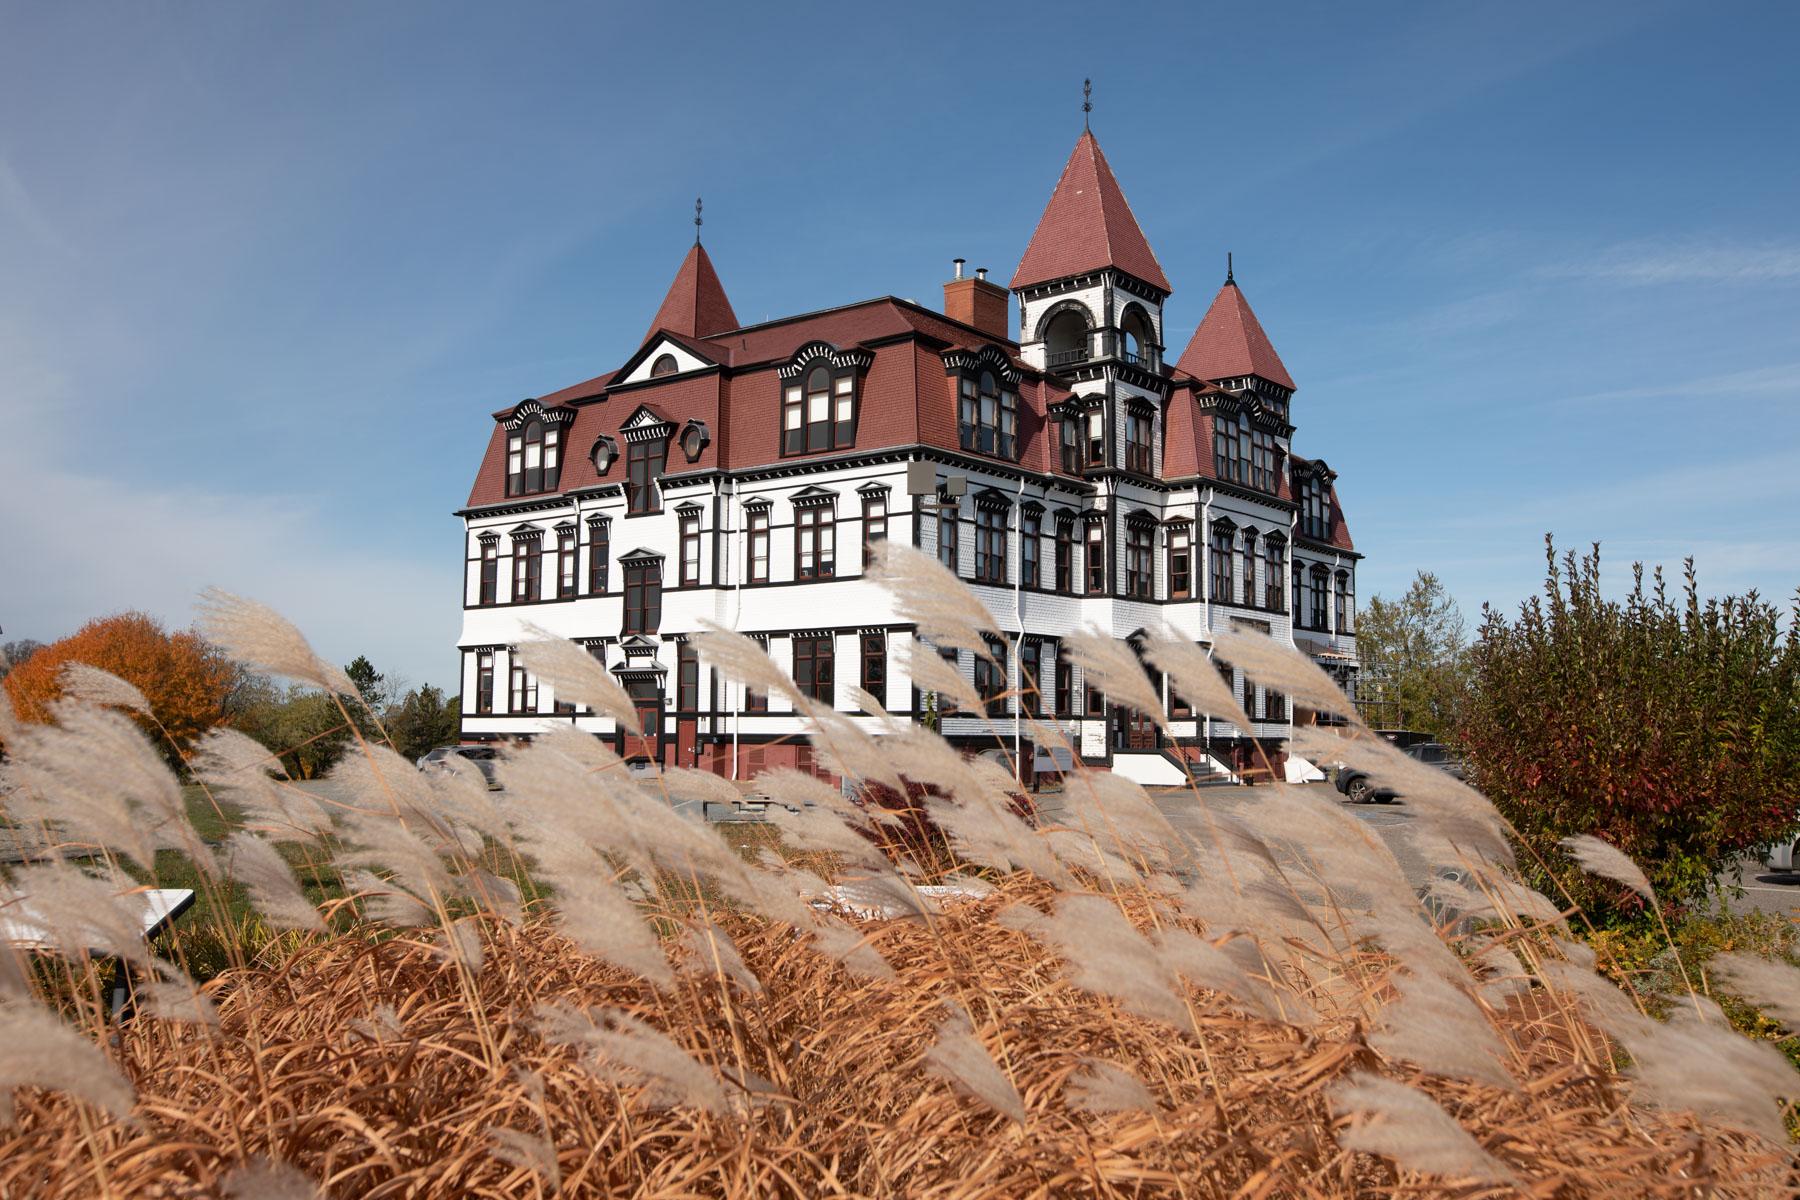 Lunenburg Academy, Nova Scotia, Canada